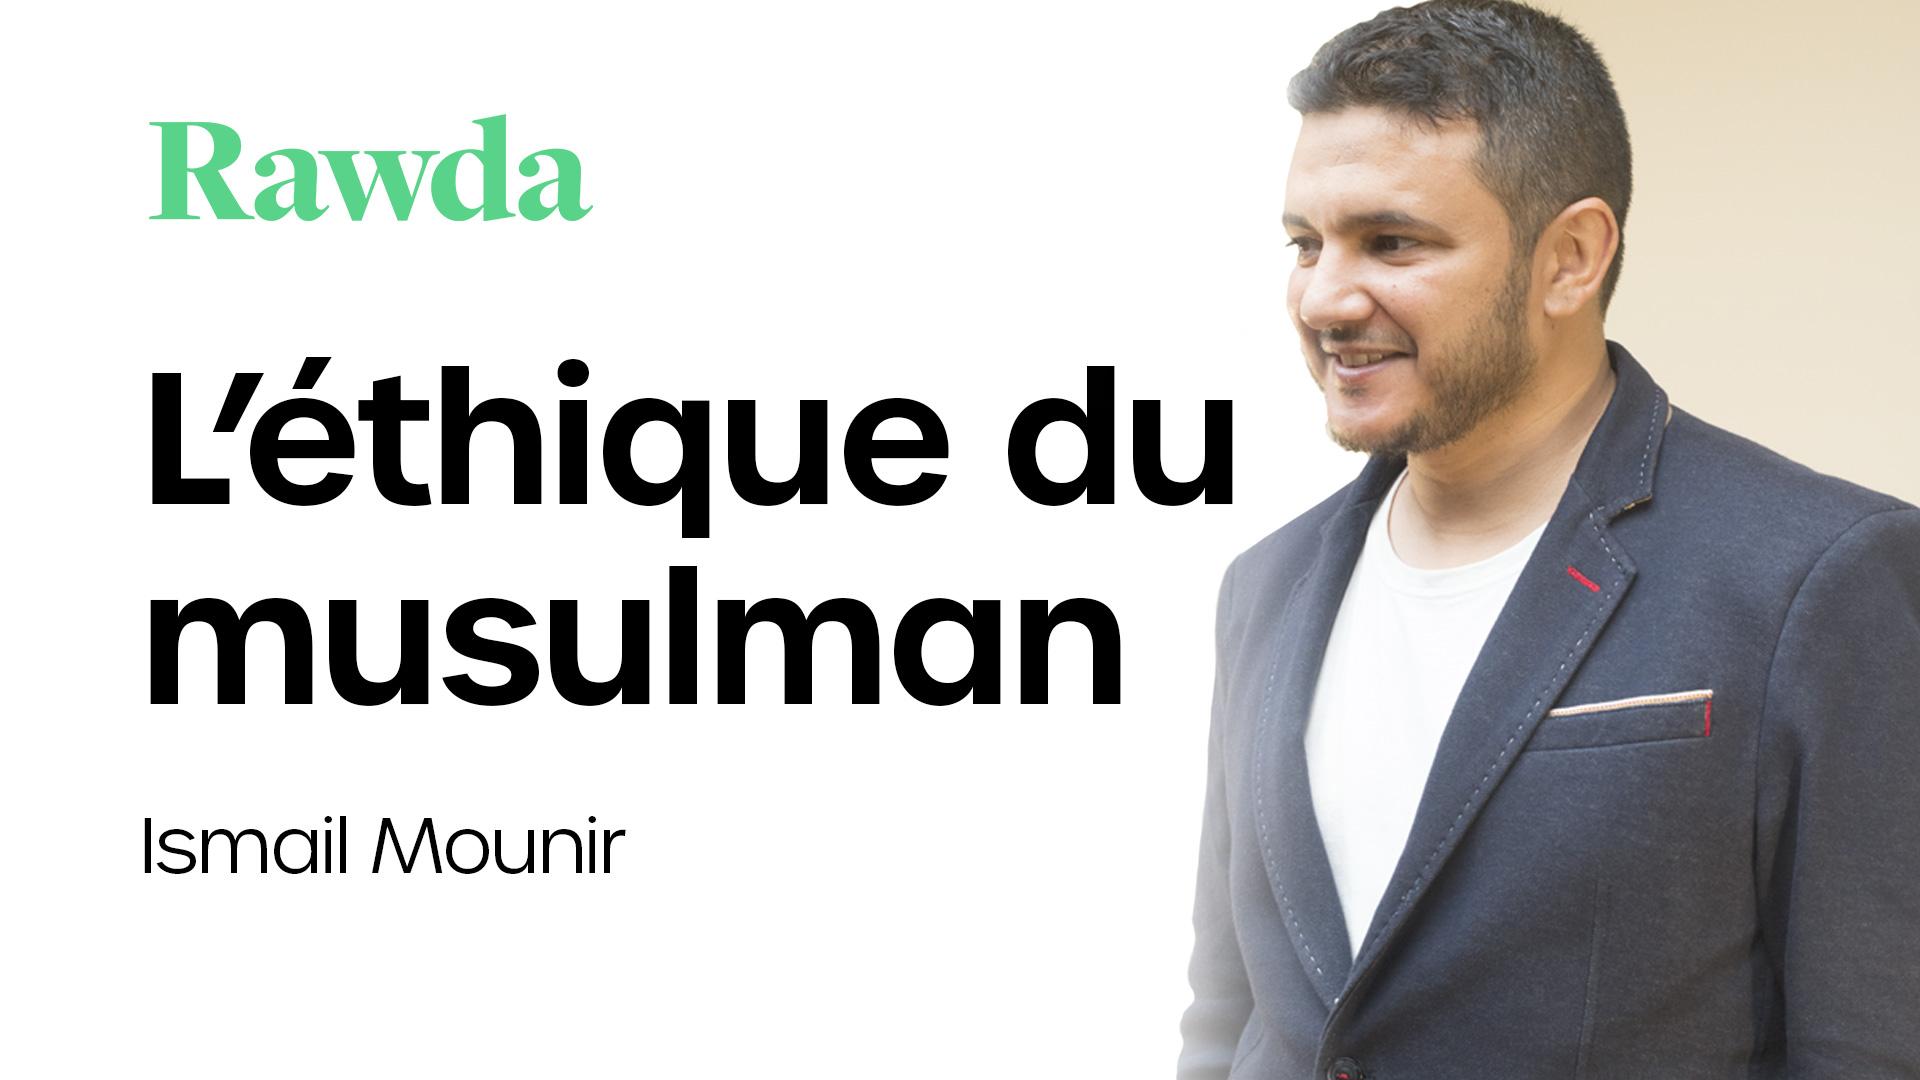 Miniature du cours : l'éthique du musulman avec Ismail Mounir